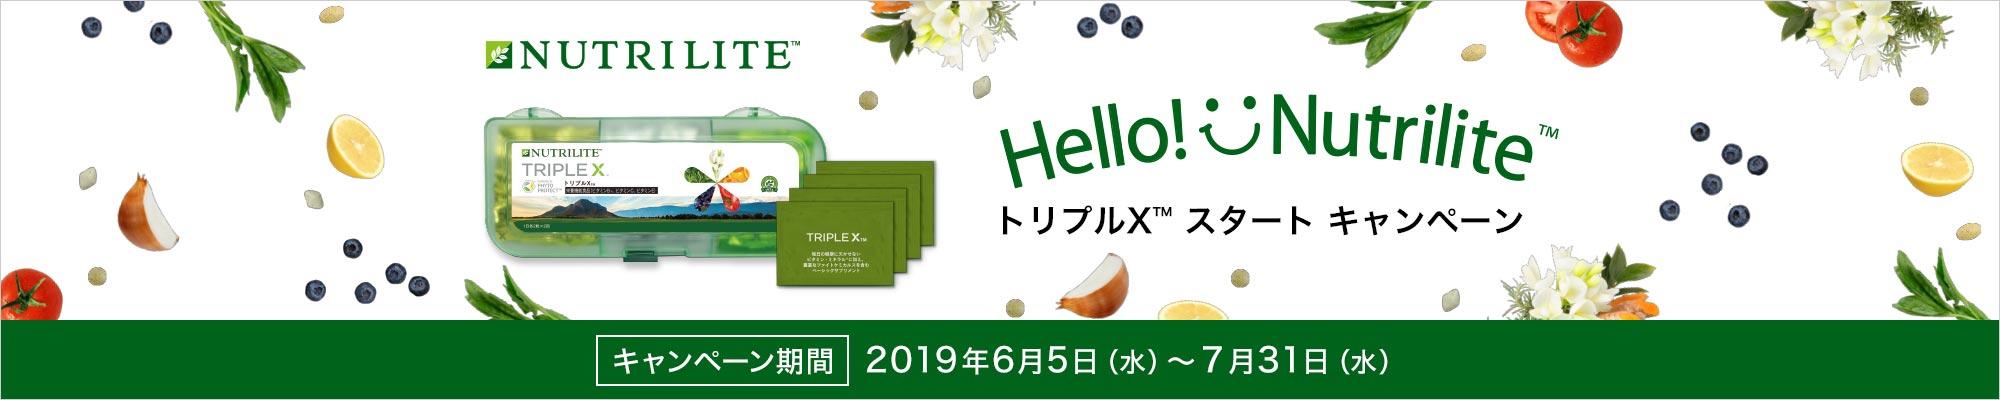 Hello Nutrilite™ トリプルX™ スタート キャンペーン